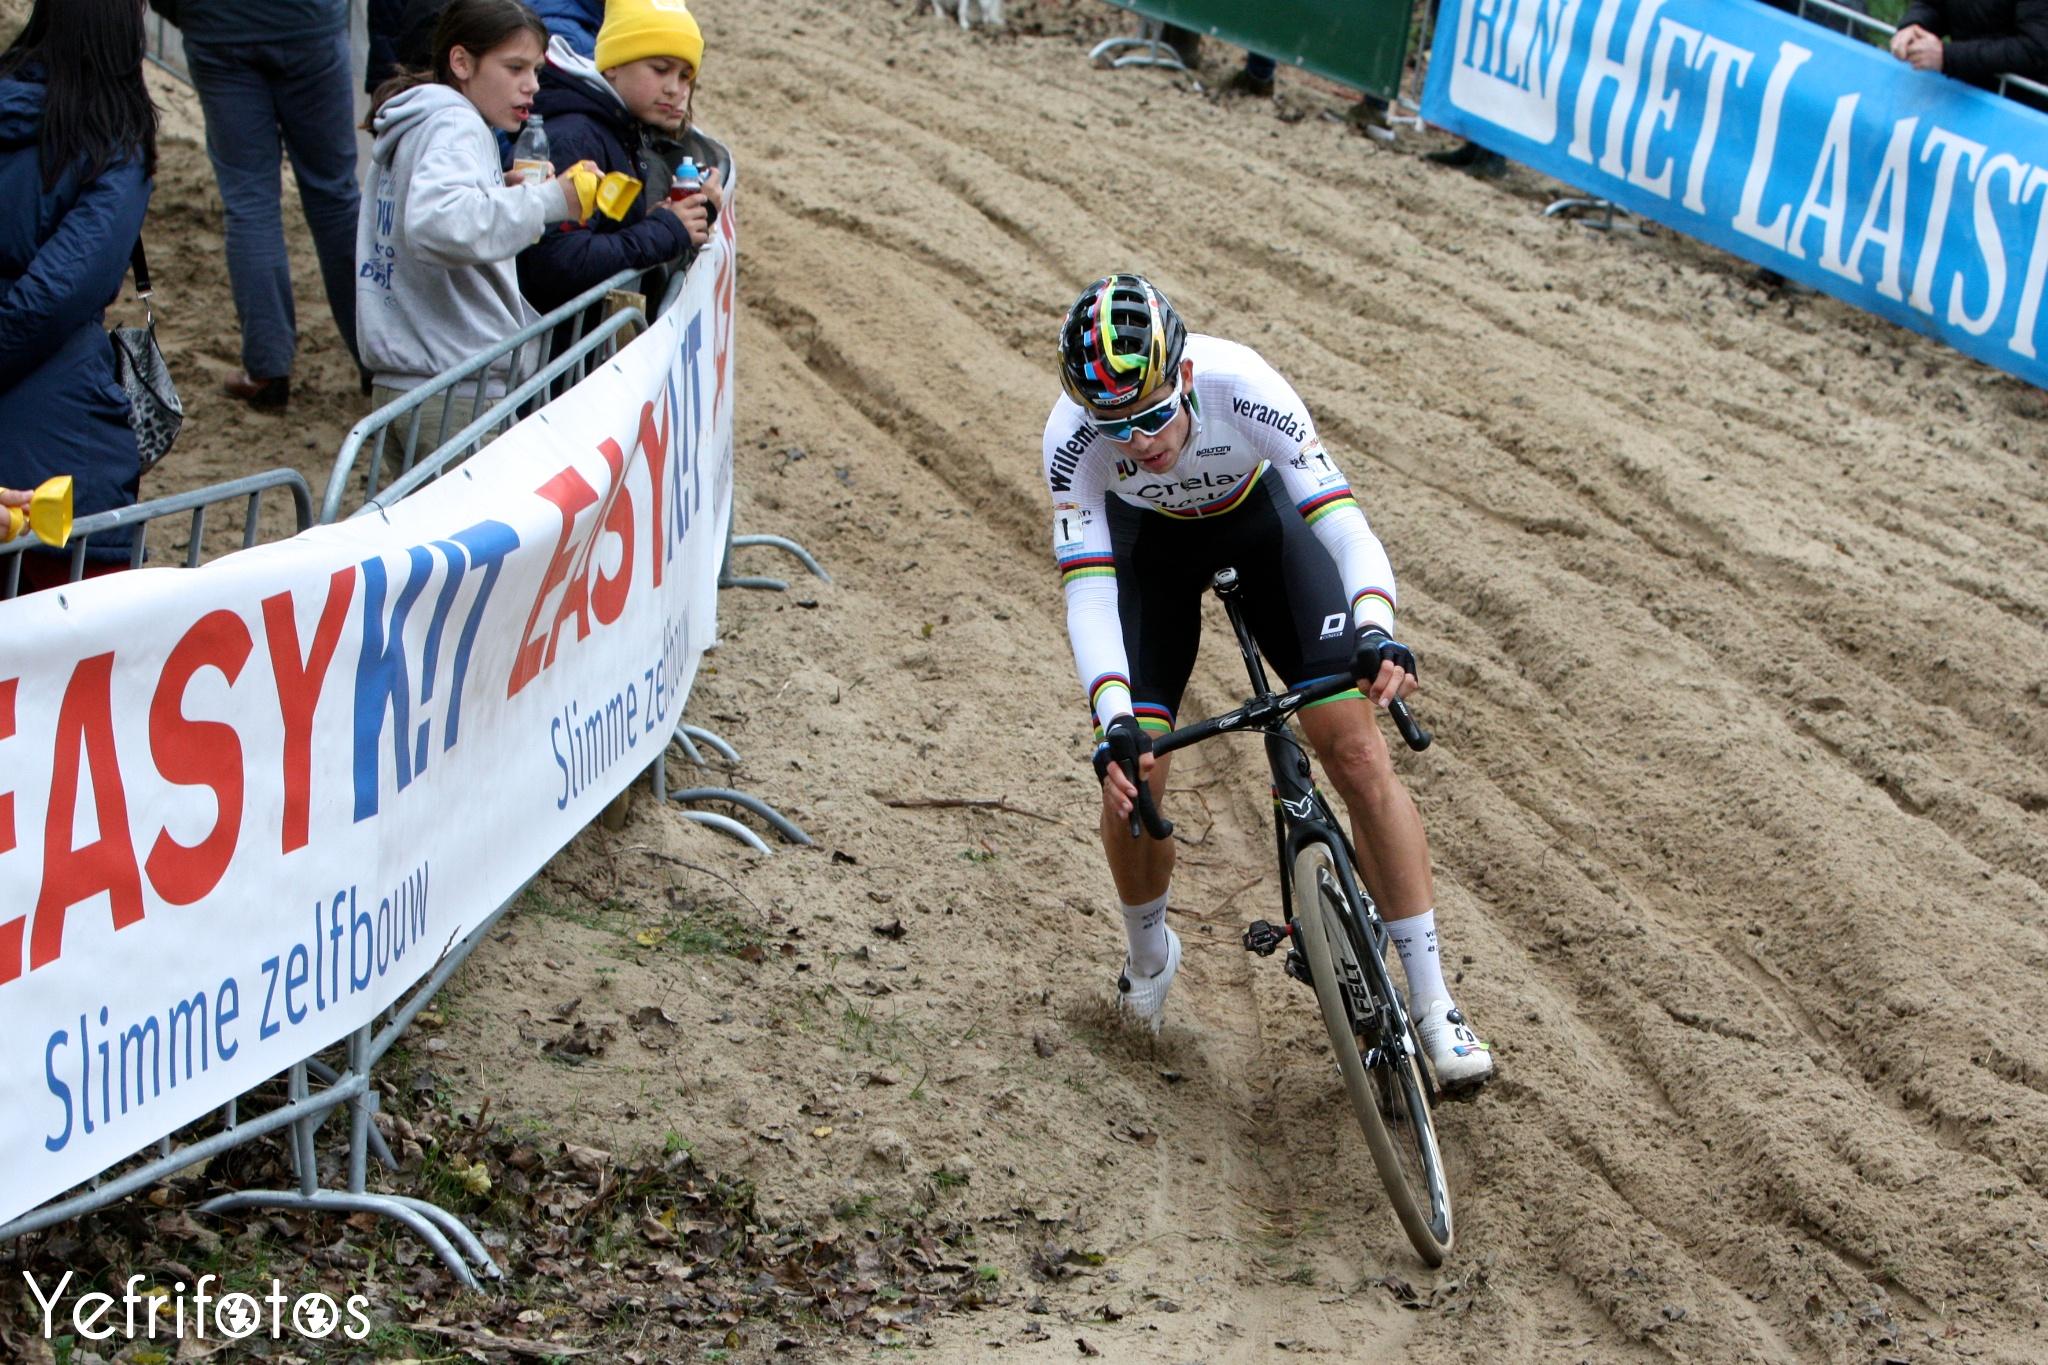 Koksijde - UCI Cyclocross World Cup - Wout van Aert